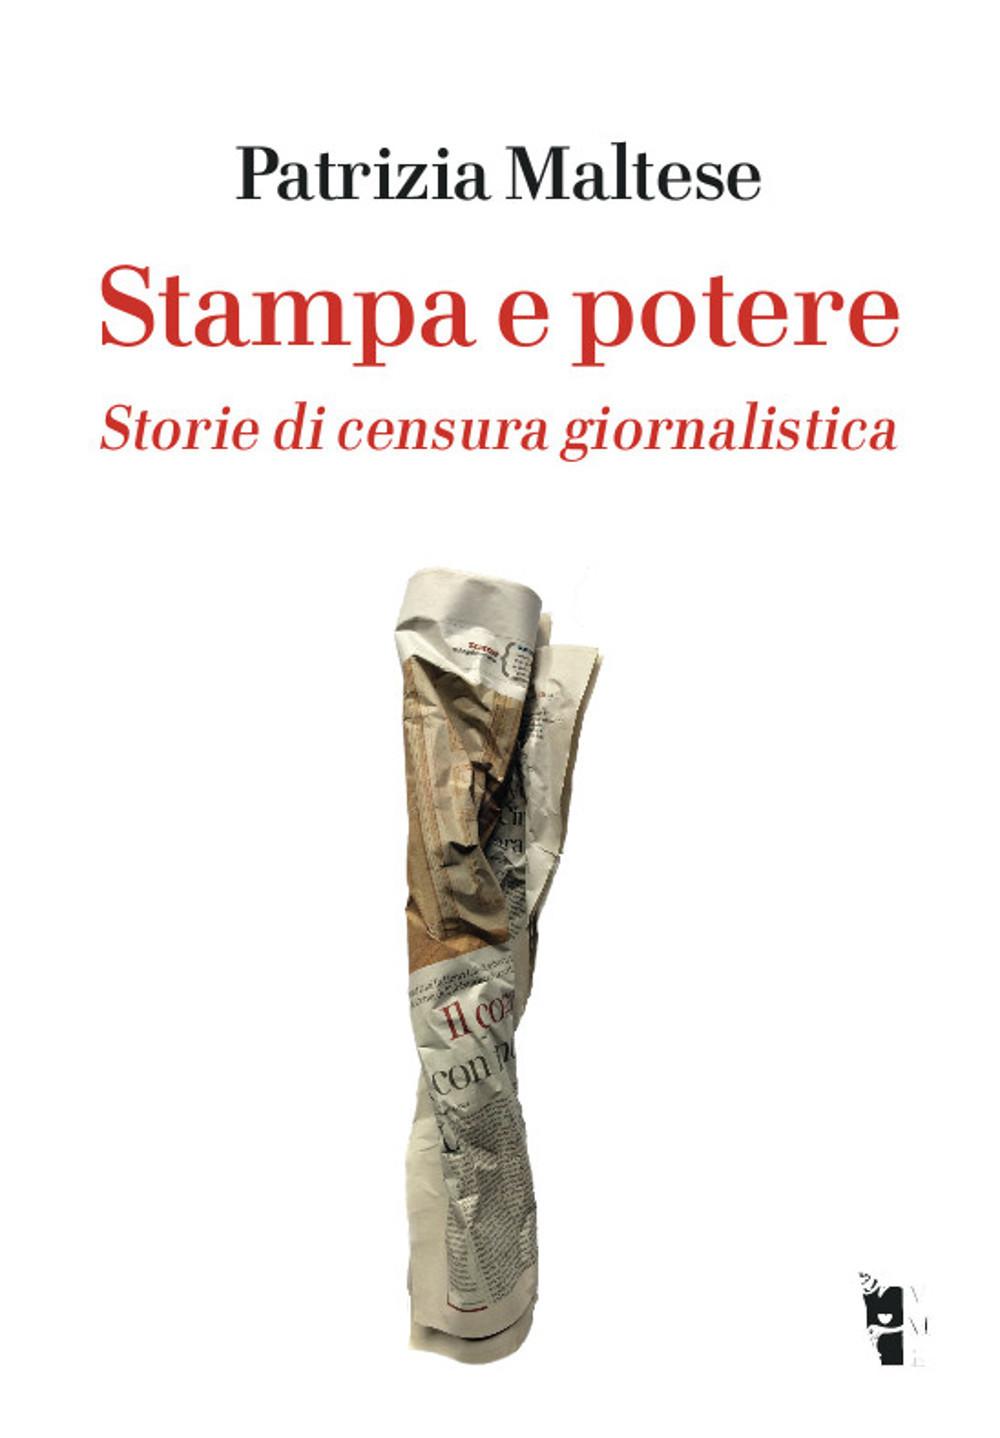 Patrizia Maltese - Stampa e potere. Storie di censura giornalistica 9788898119998